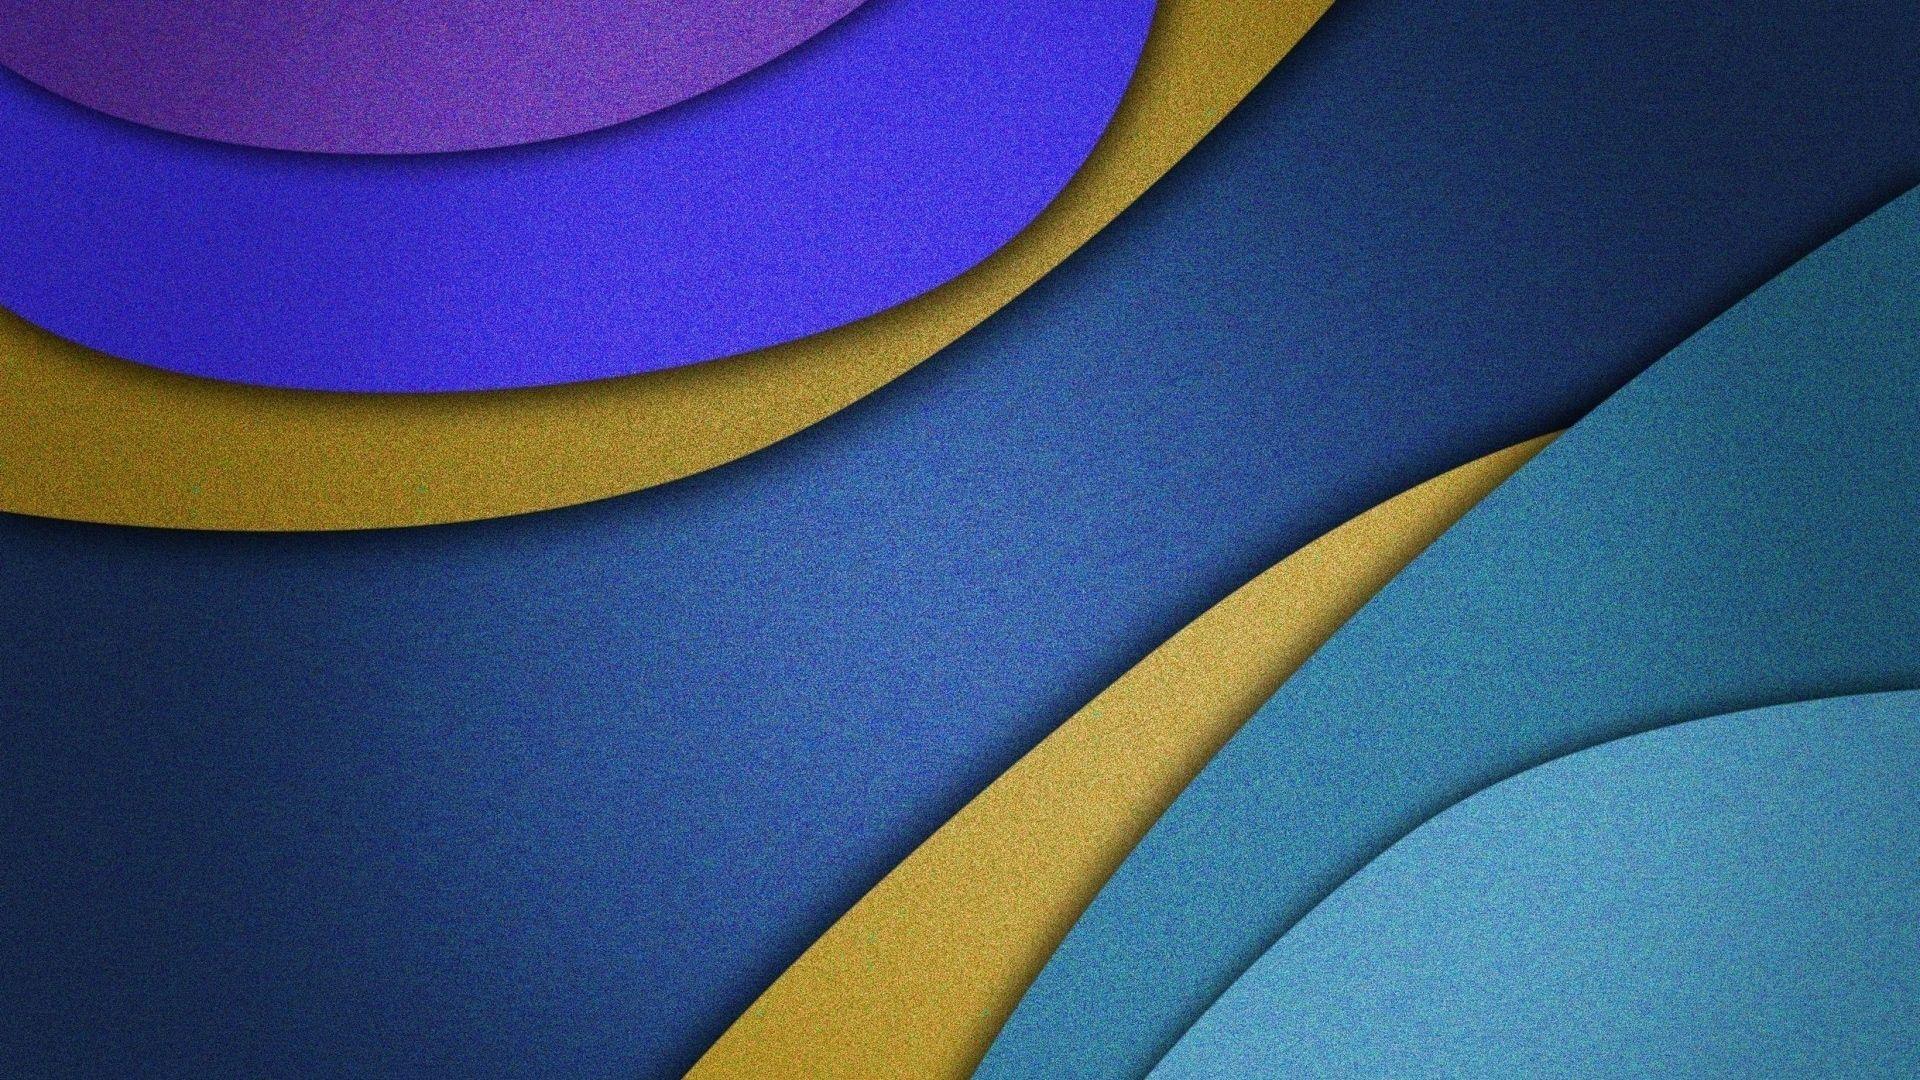 Material 1080p wallpaper